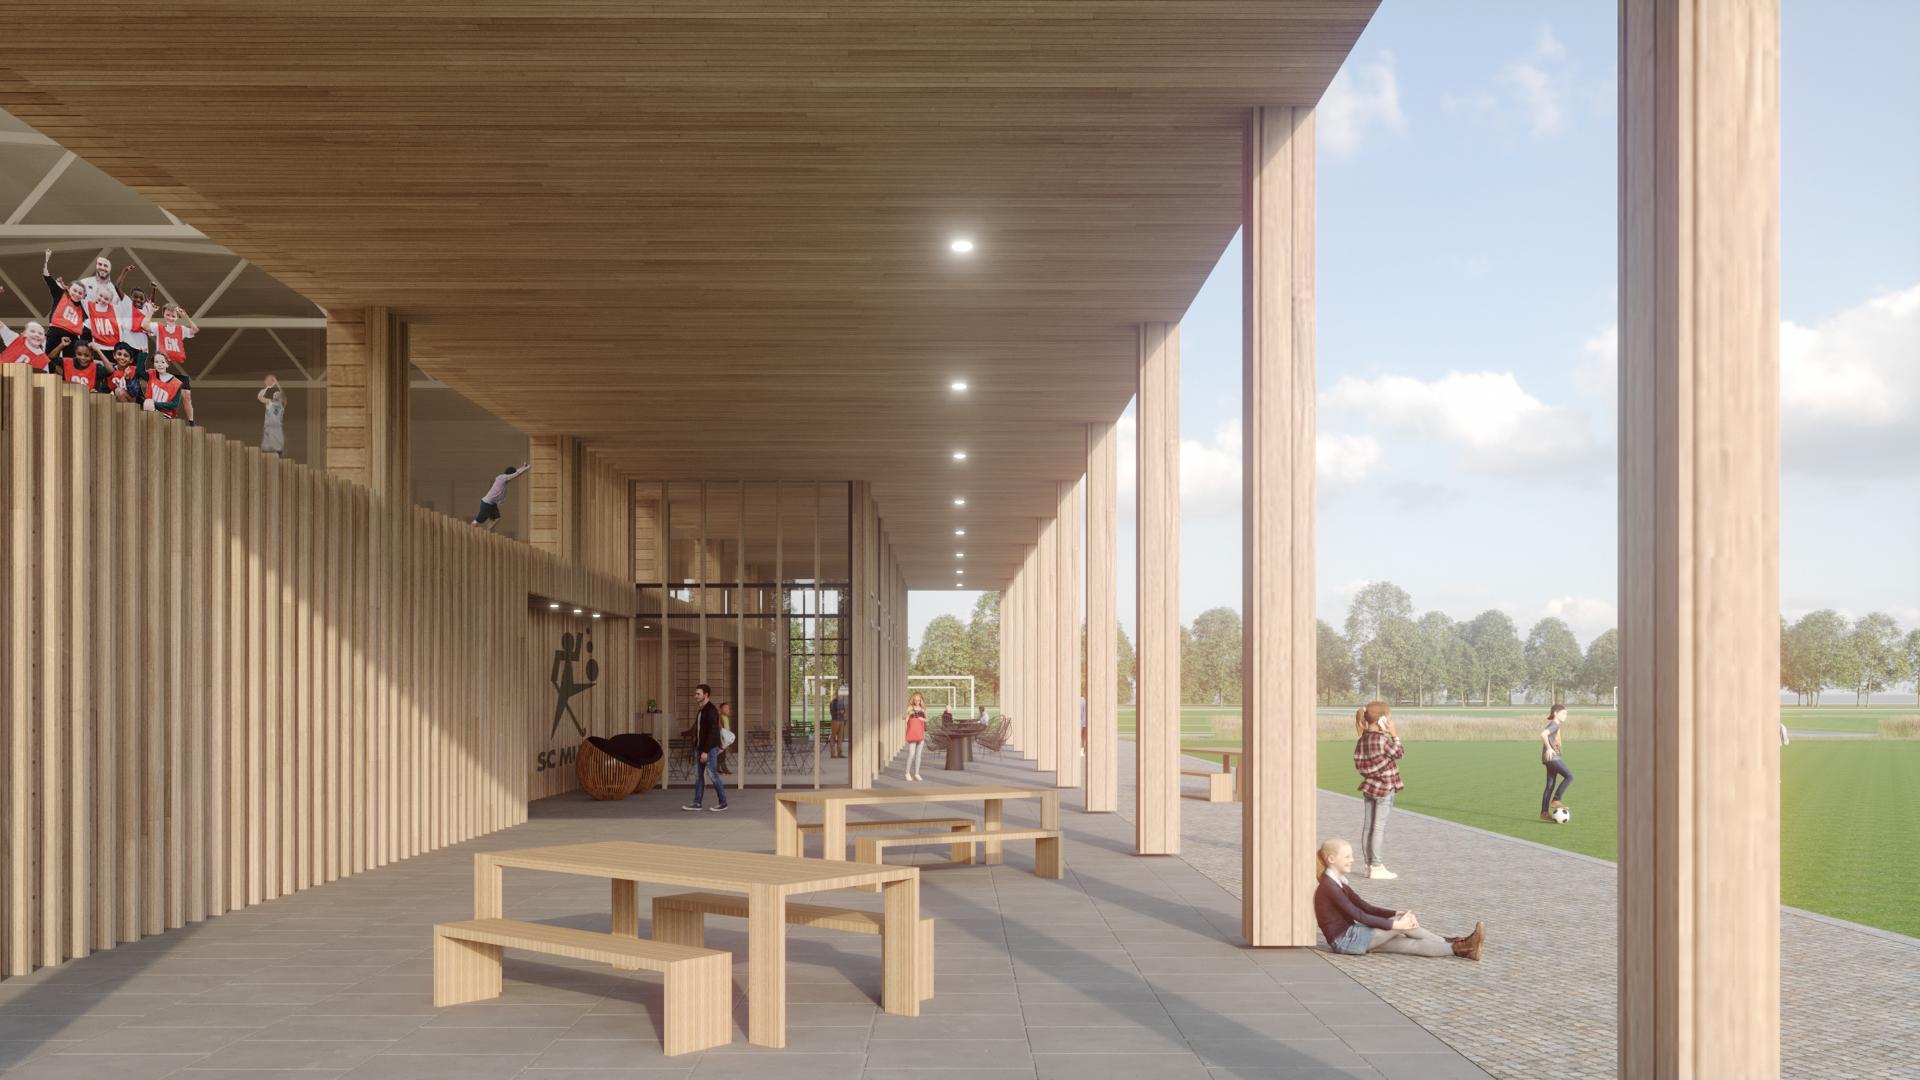 Sportpark Bredius in Muiden krijgt een circulaire sporthal, dus zonder lijmen, kitten en tegels én energieneutraal